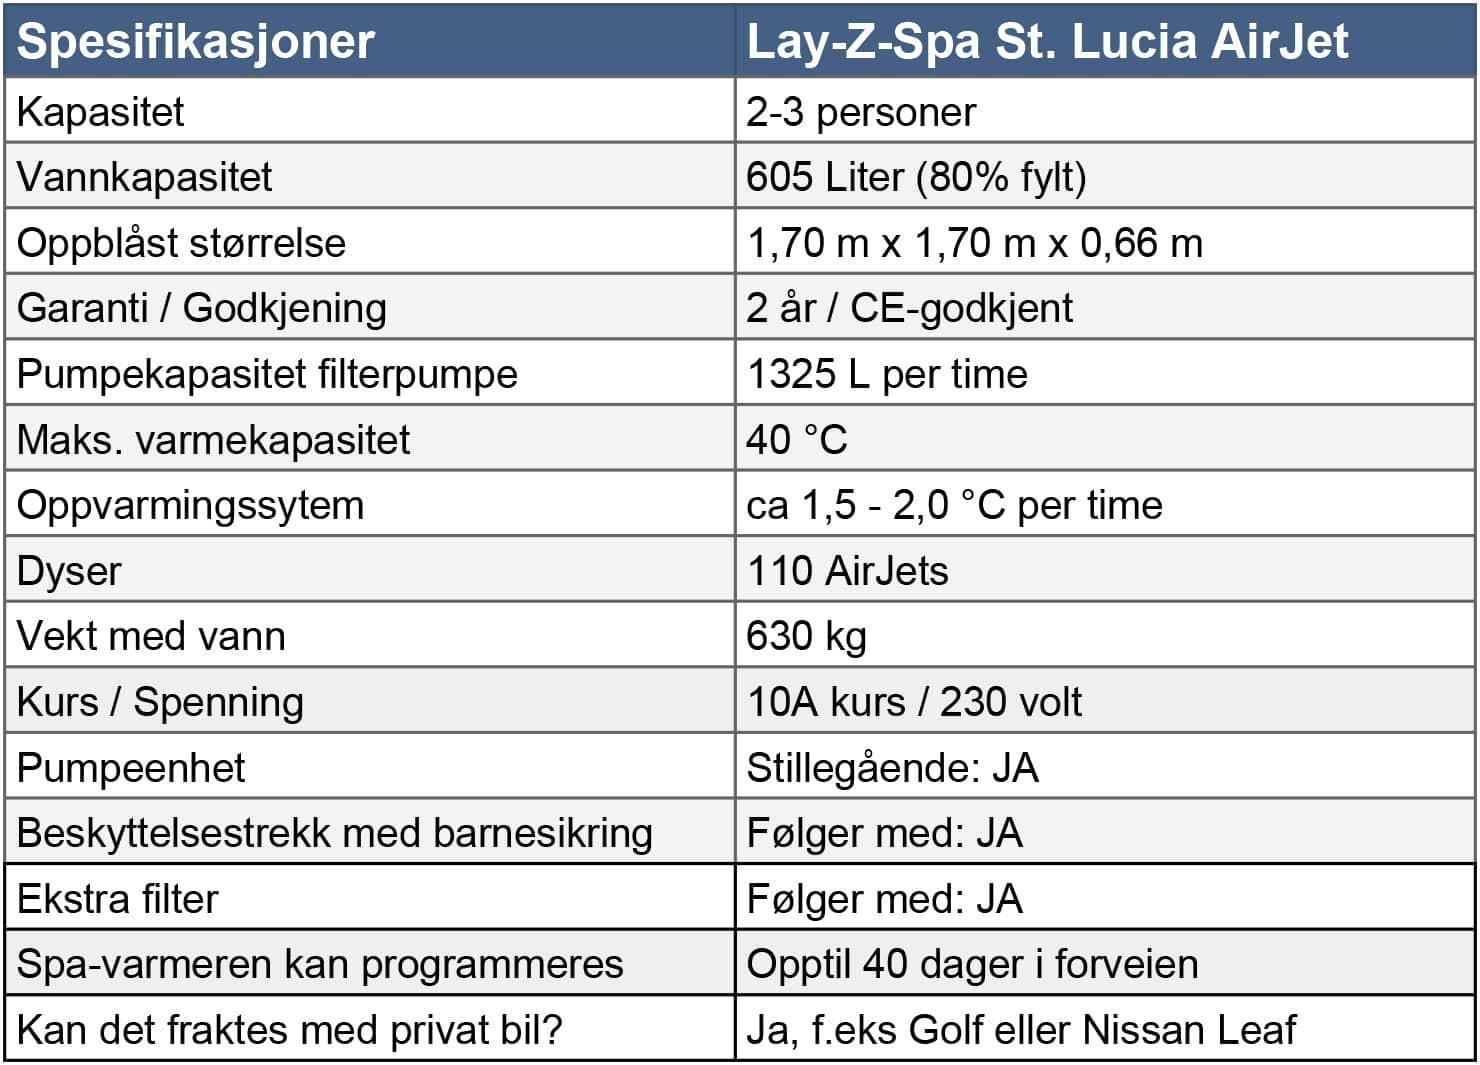 Spesifikasjoner Lay-Z-Spa St. Lucia AirJet